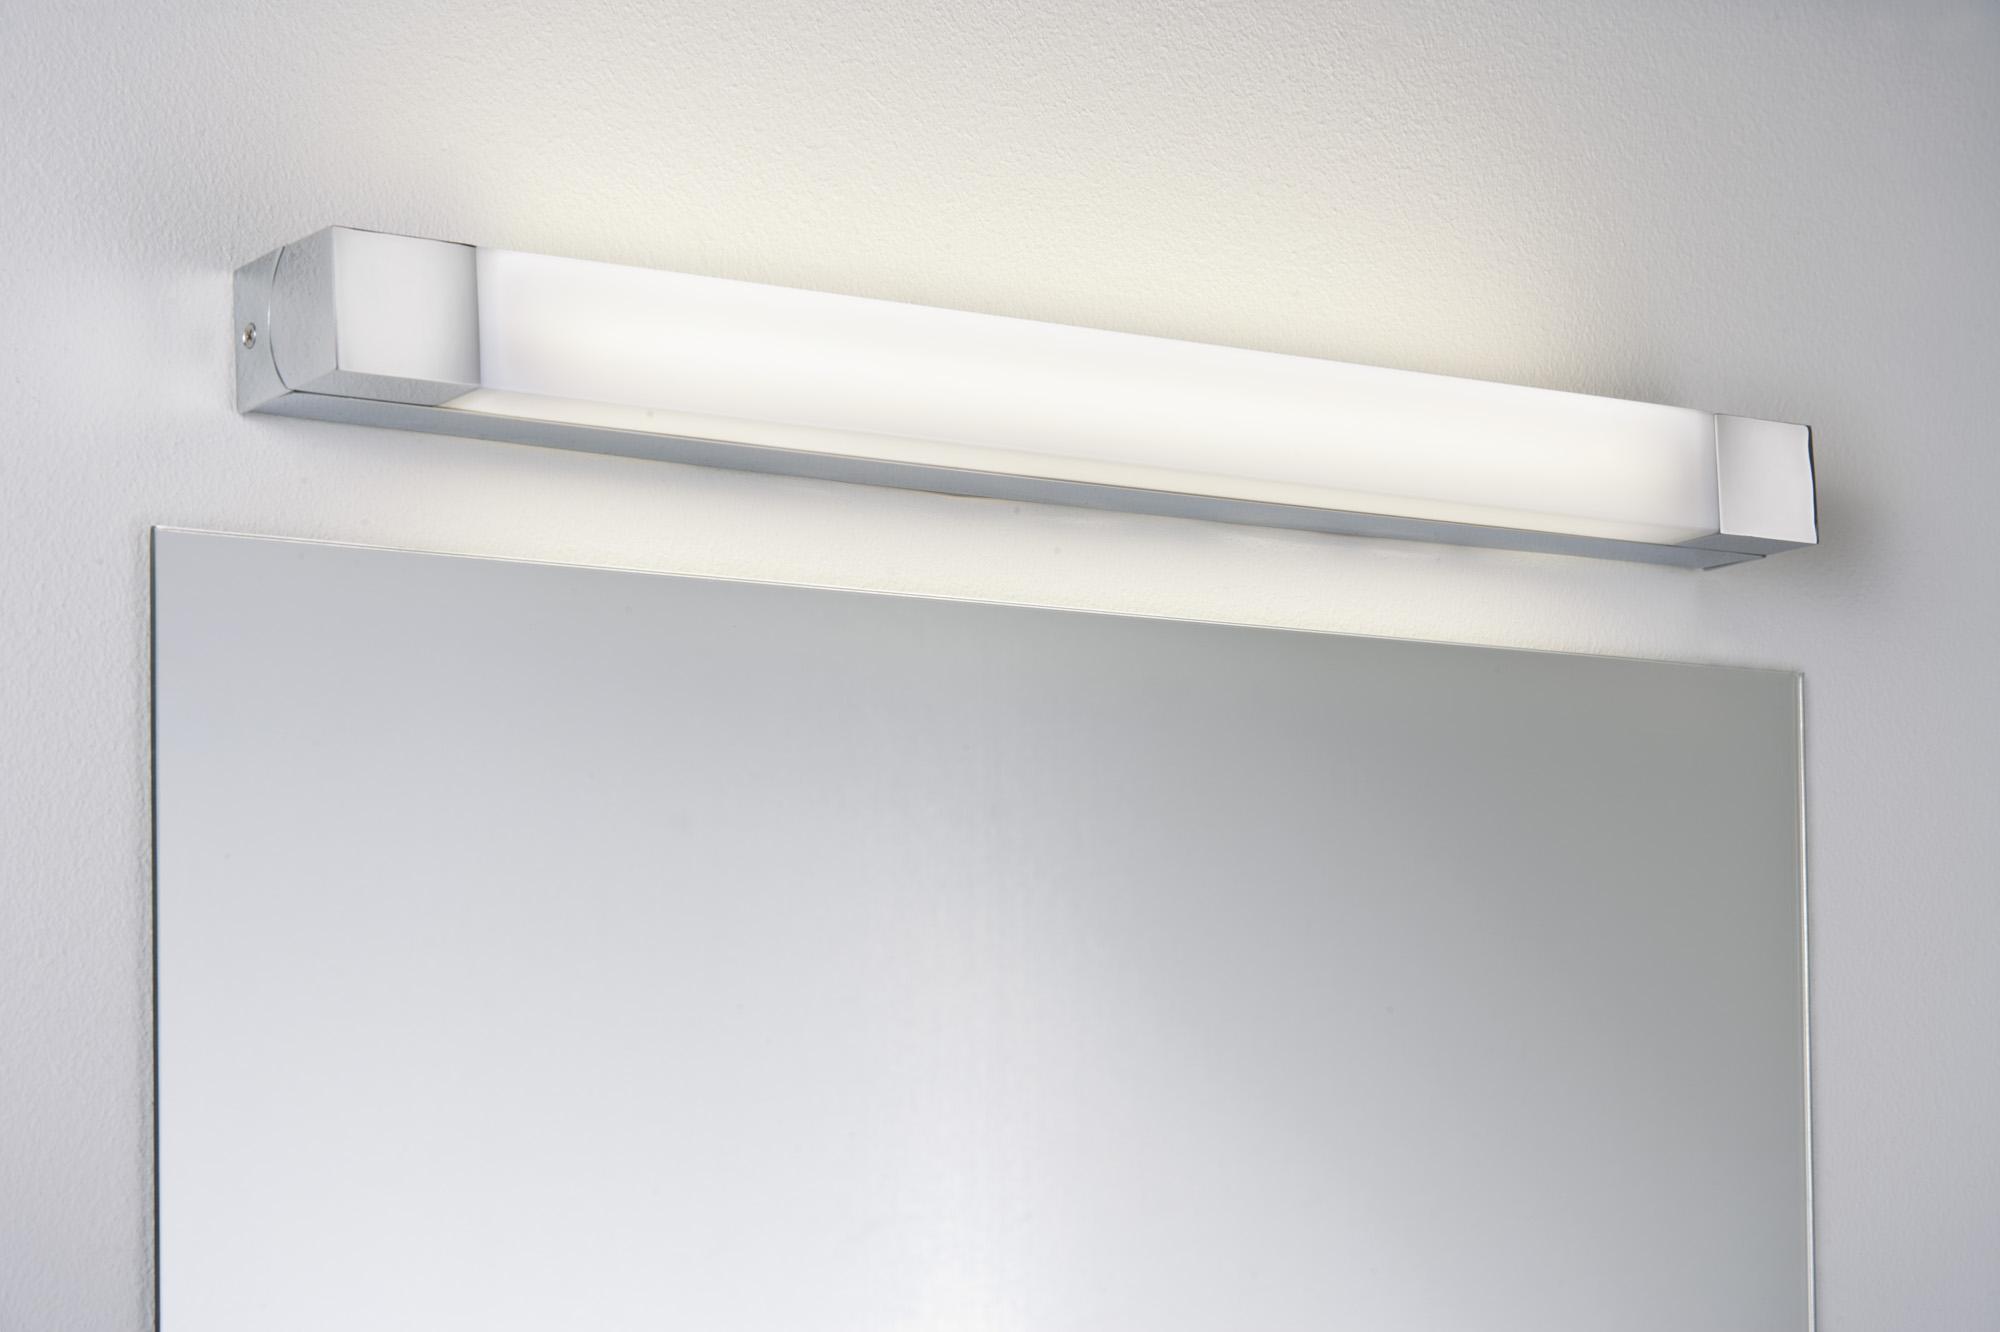 Applique salle de bain paulmann quasar ip44 1x14w 230v g5 for Applique salle de bains